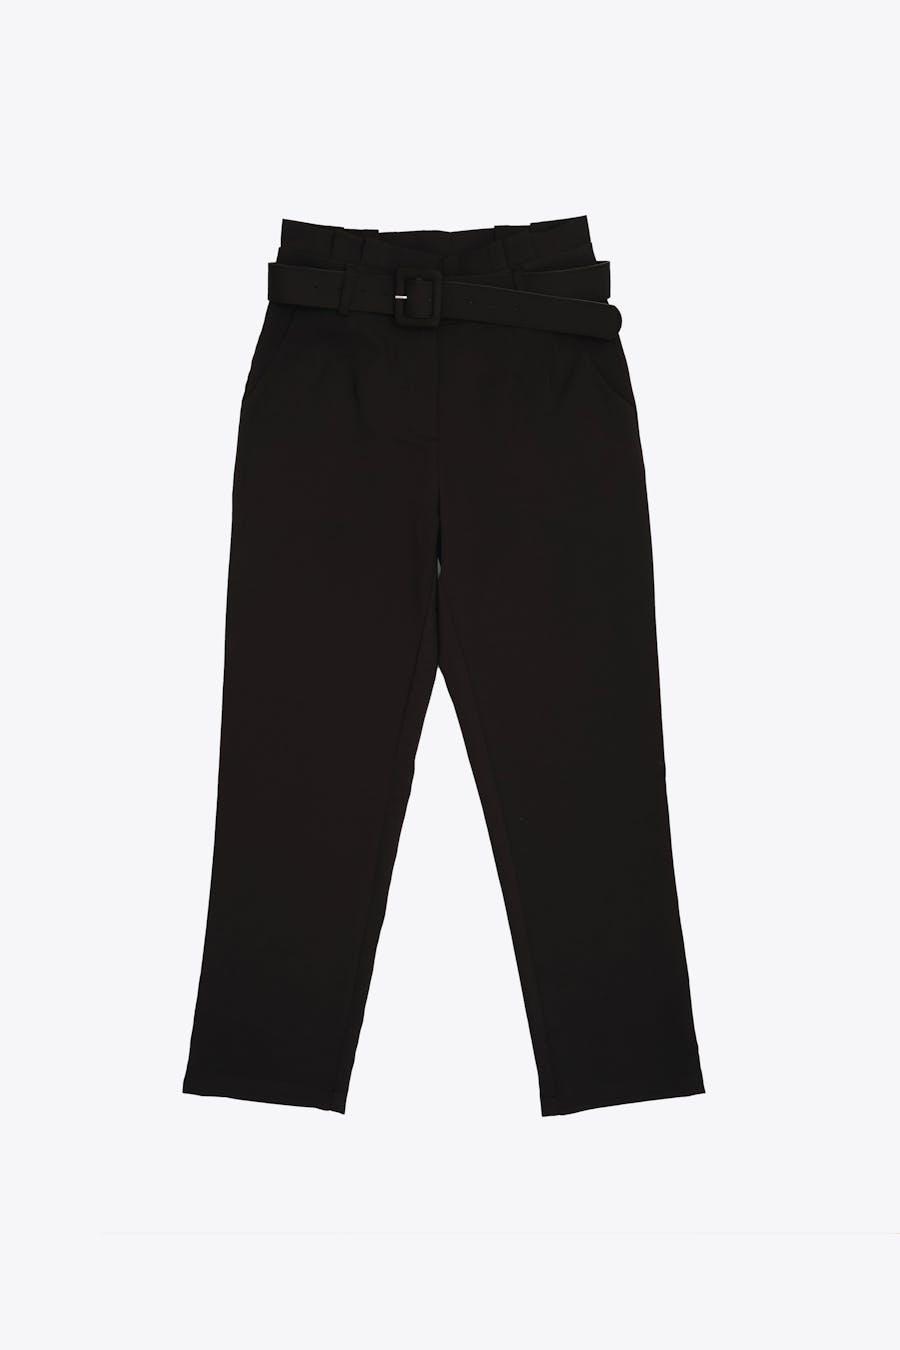 Pantalón negro con cinturilla paperbag